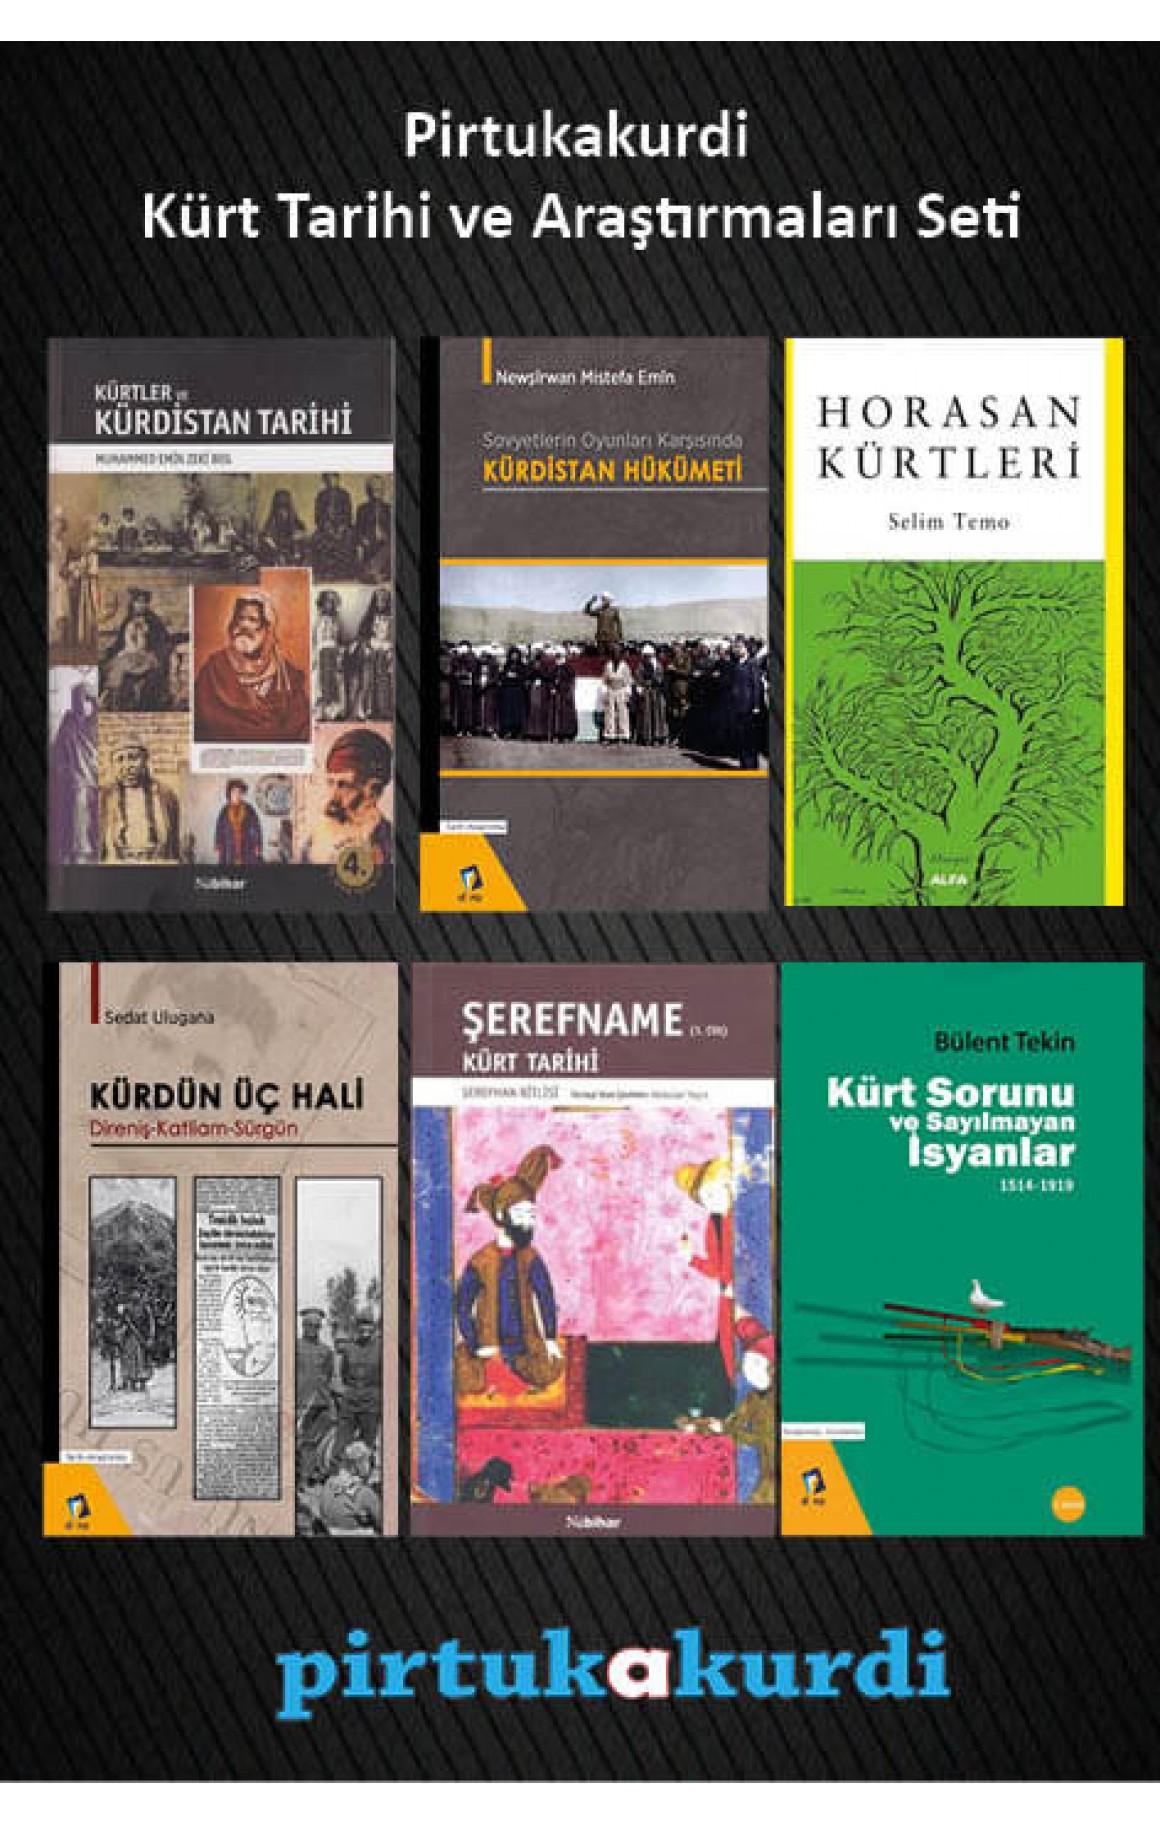 Pirtukakurdi Kürt Tarihi ve Araştırmaları Seti